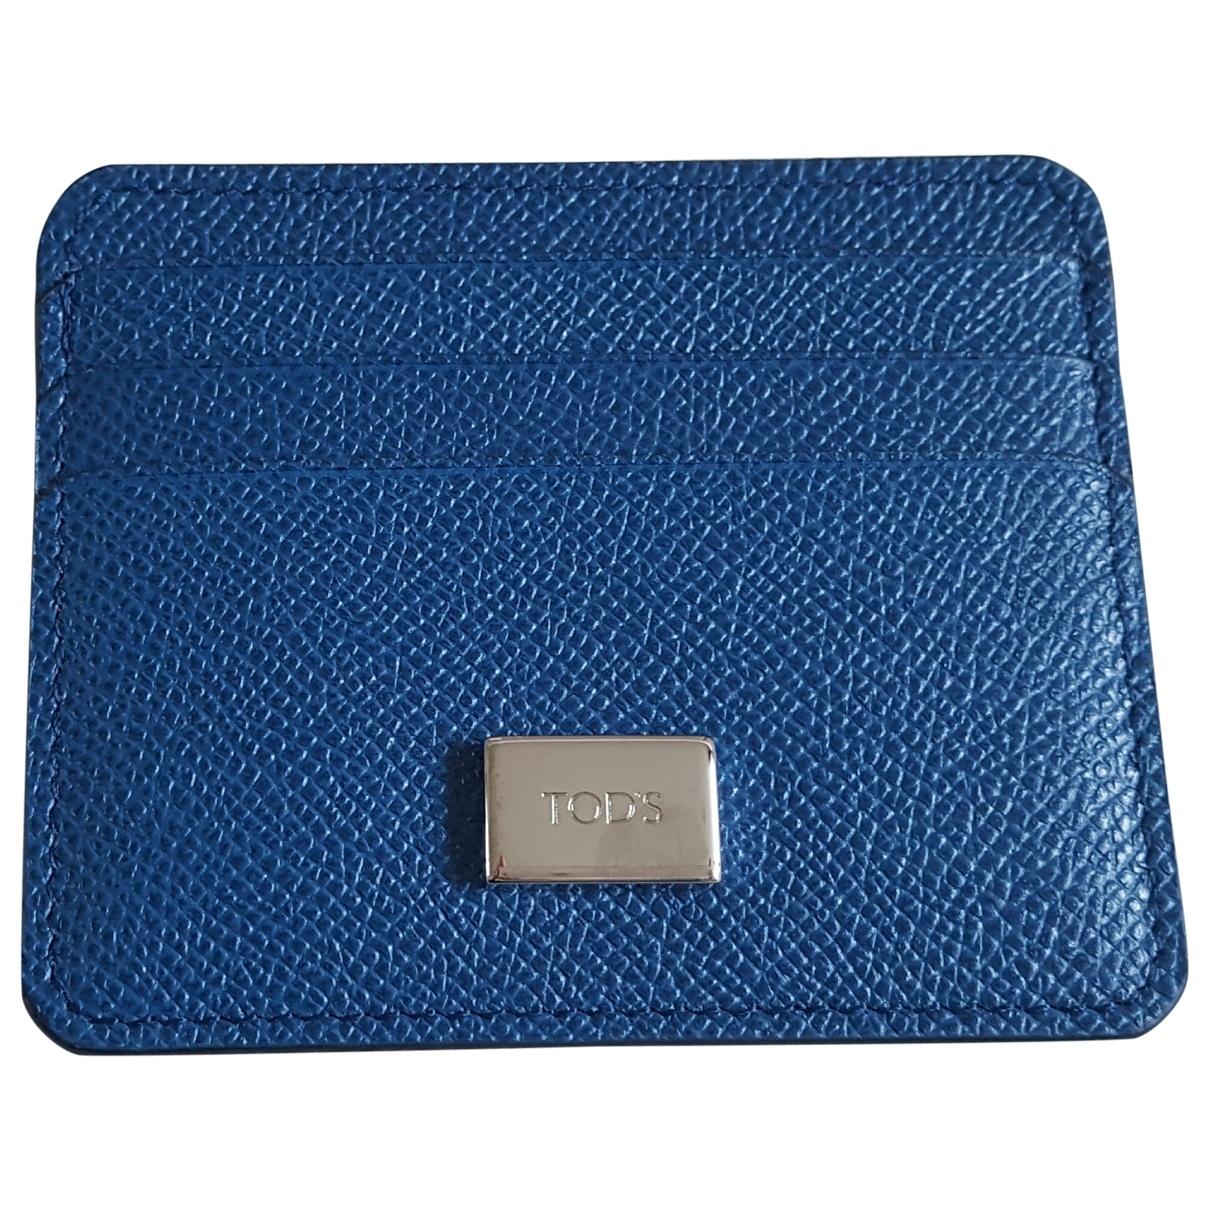 Tods - Petite maroquinerie   pour femme en cuir - bleu